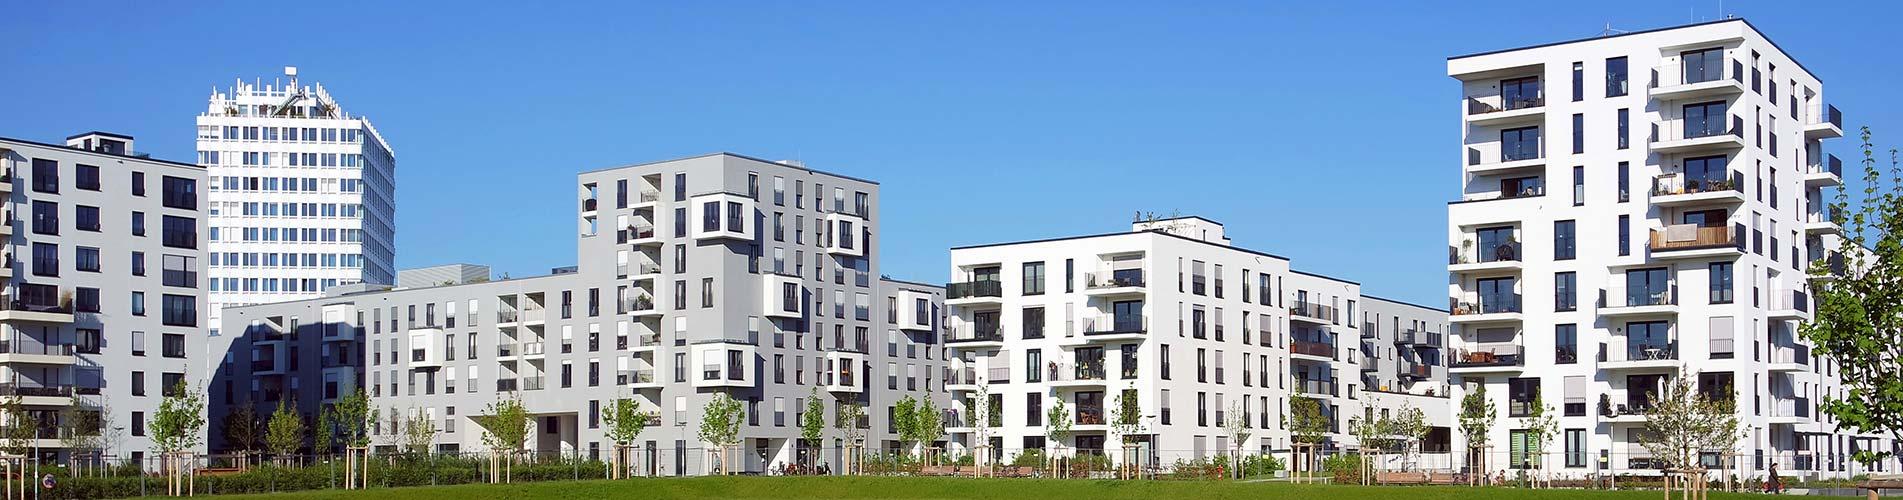 Mehrfamilienhaussiedlungen